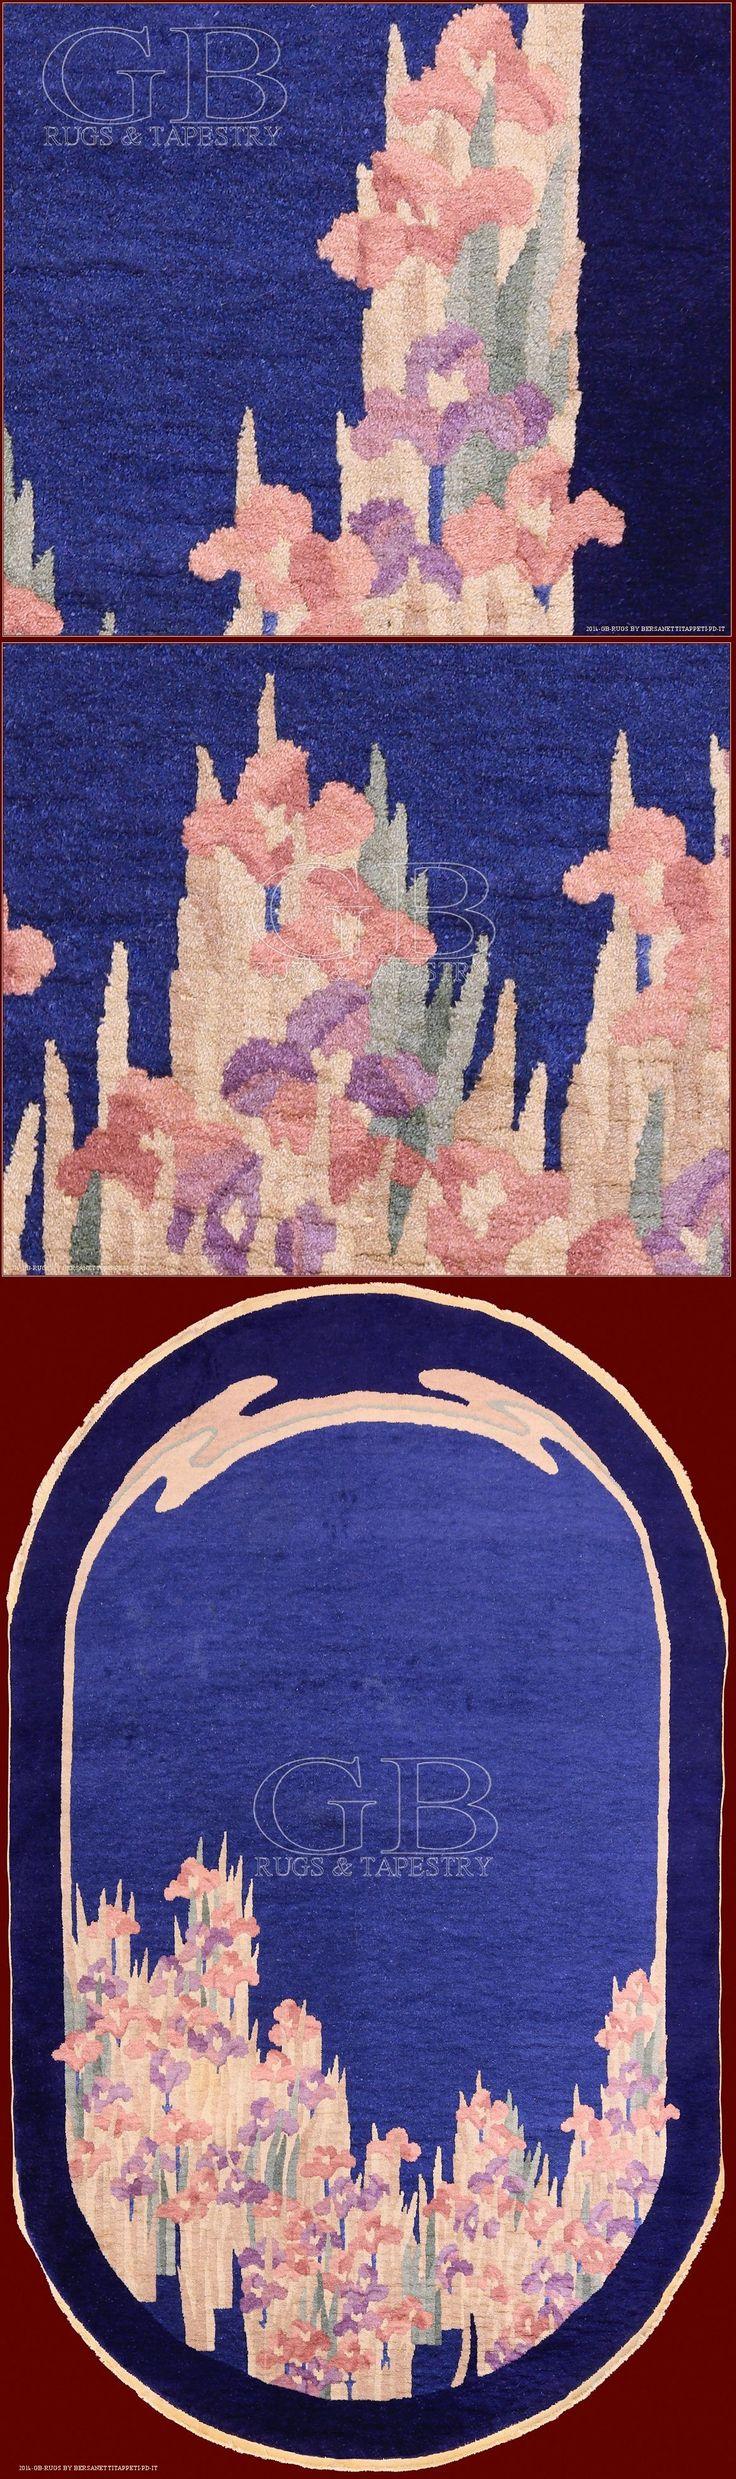 Peching Vintage Carpetcm 220 x 135ft 7'2 x 4'4